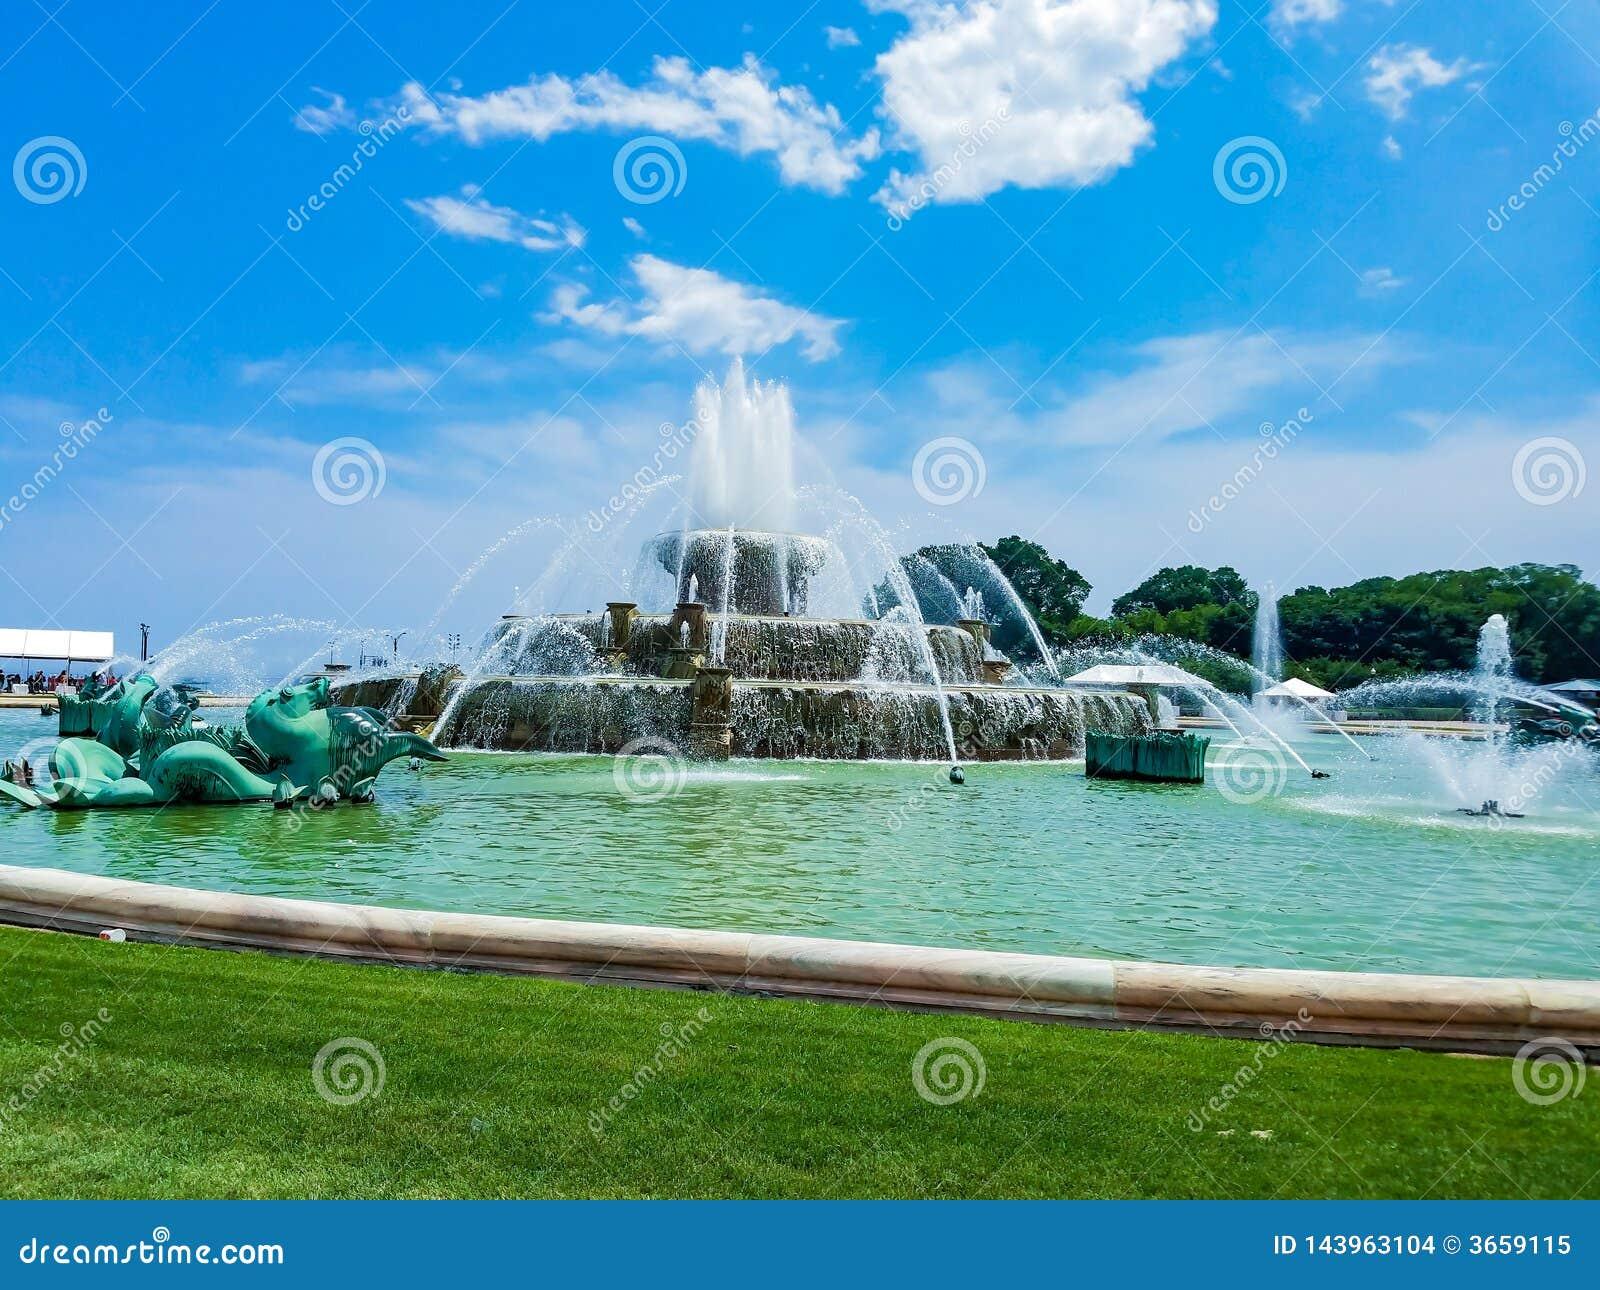 Чiкаго, Иллиноис, США 07 05 2018: Фонтан Клэранс Buckingham в Чикаго с голубым небом на заднем плане